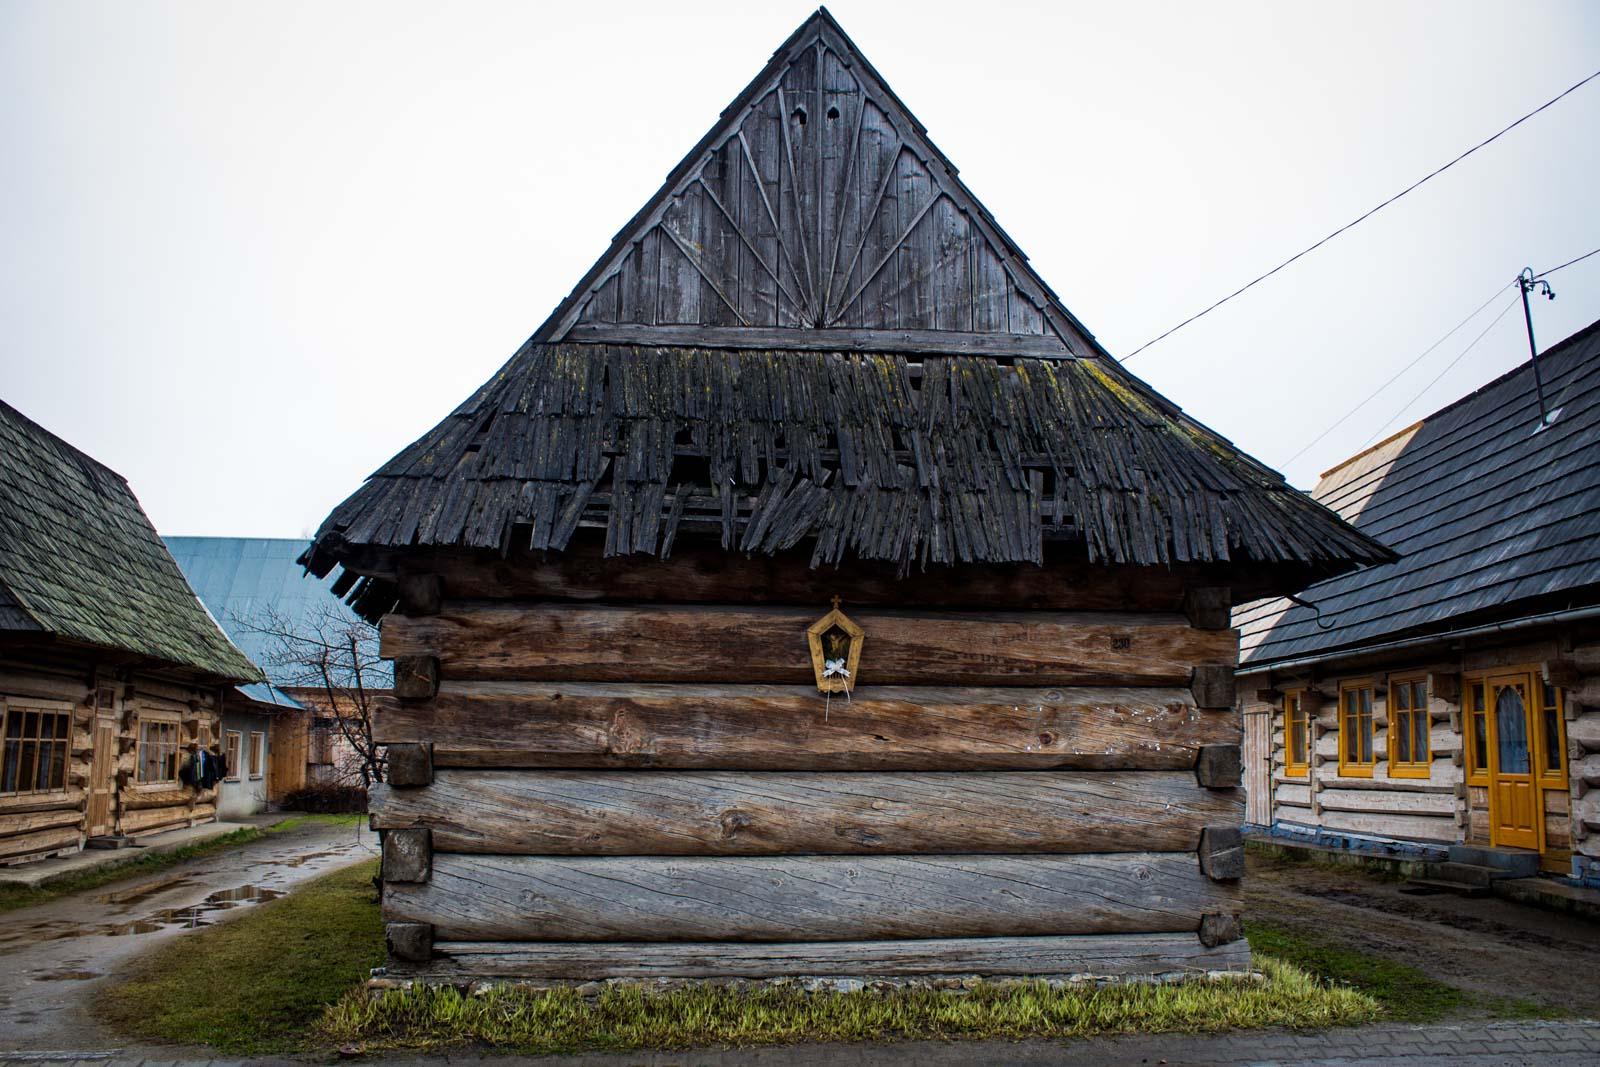 Chocholow, Things near Zakopane, Poland